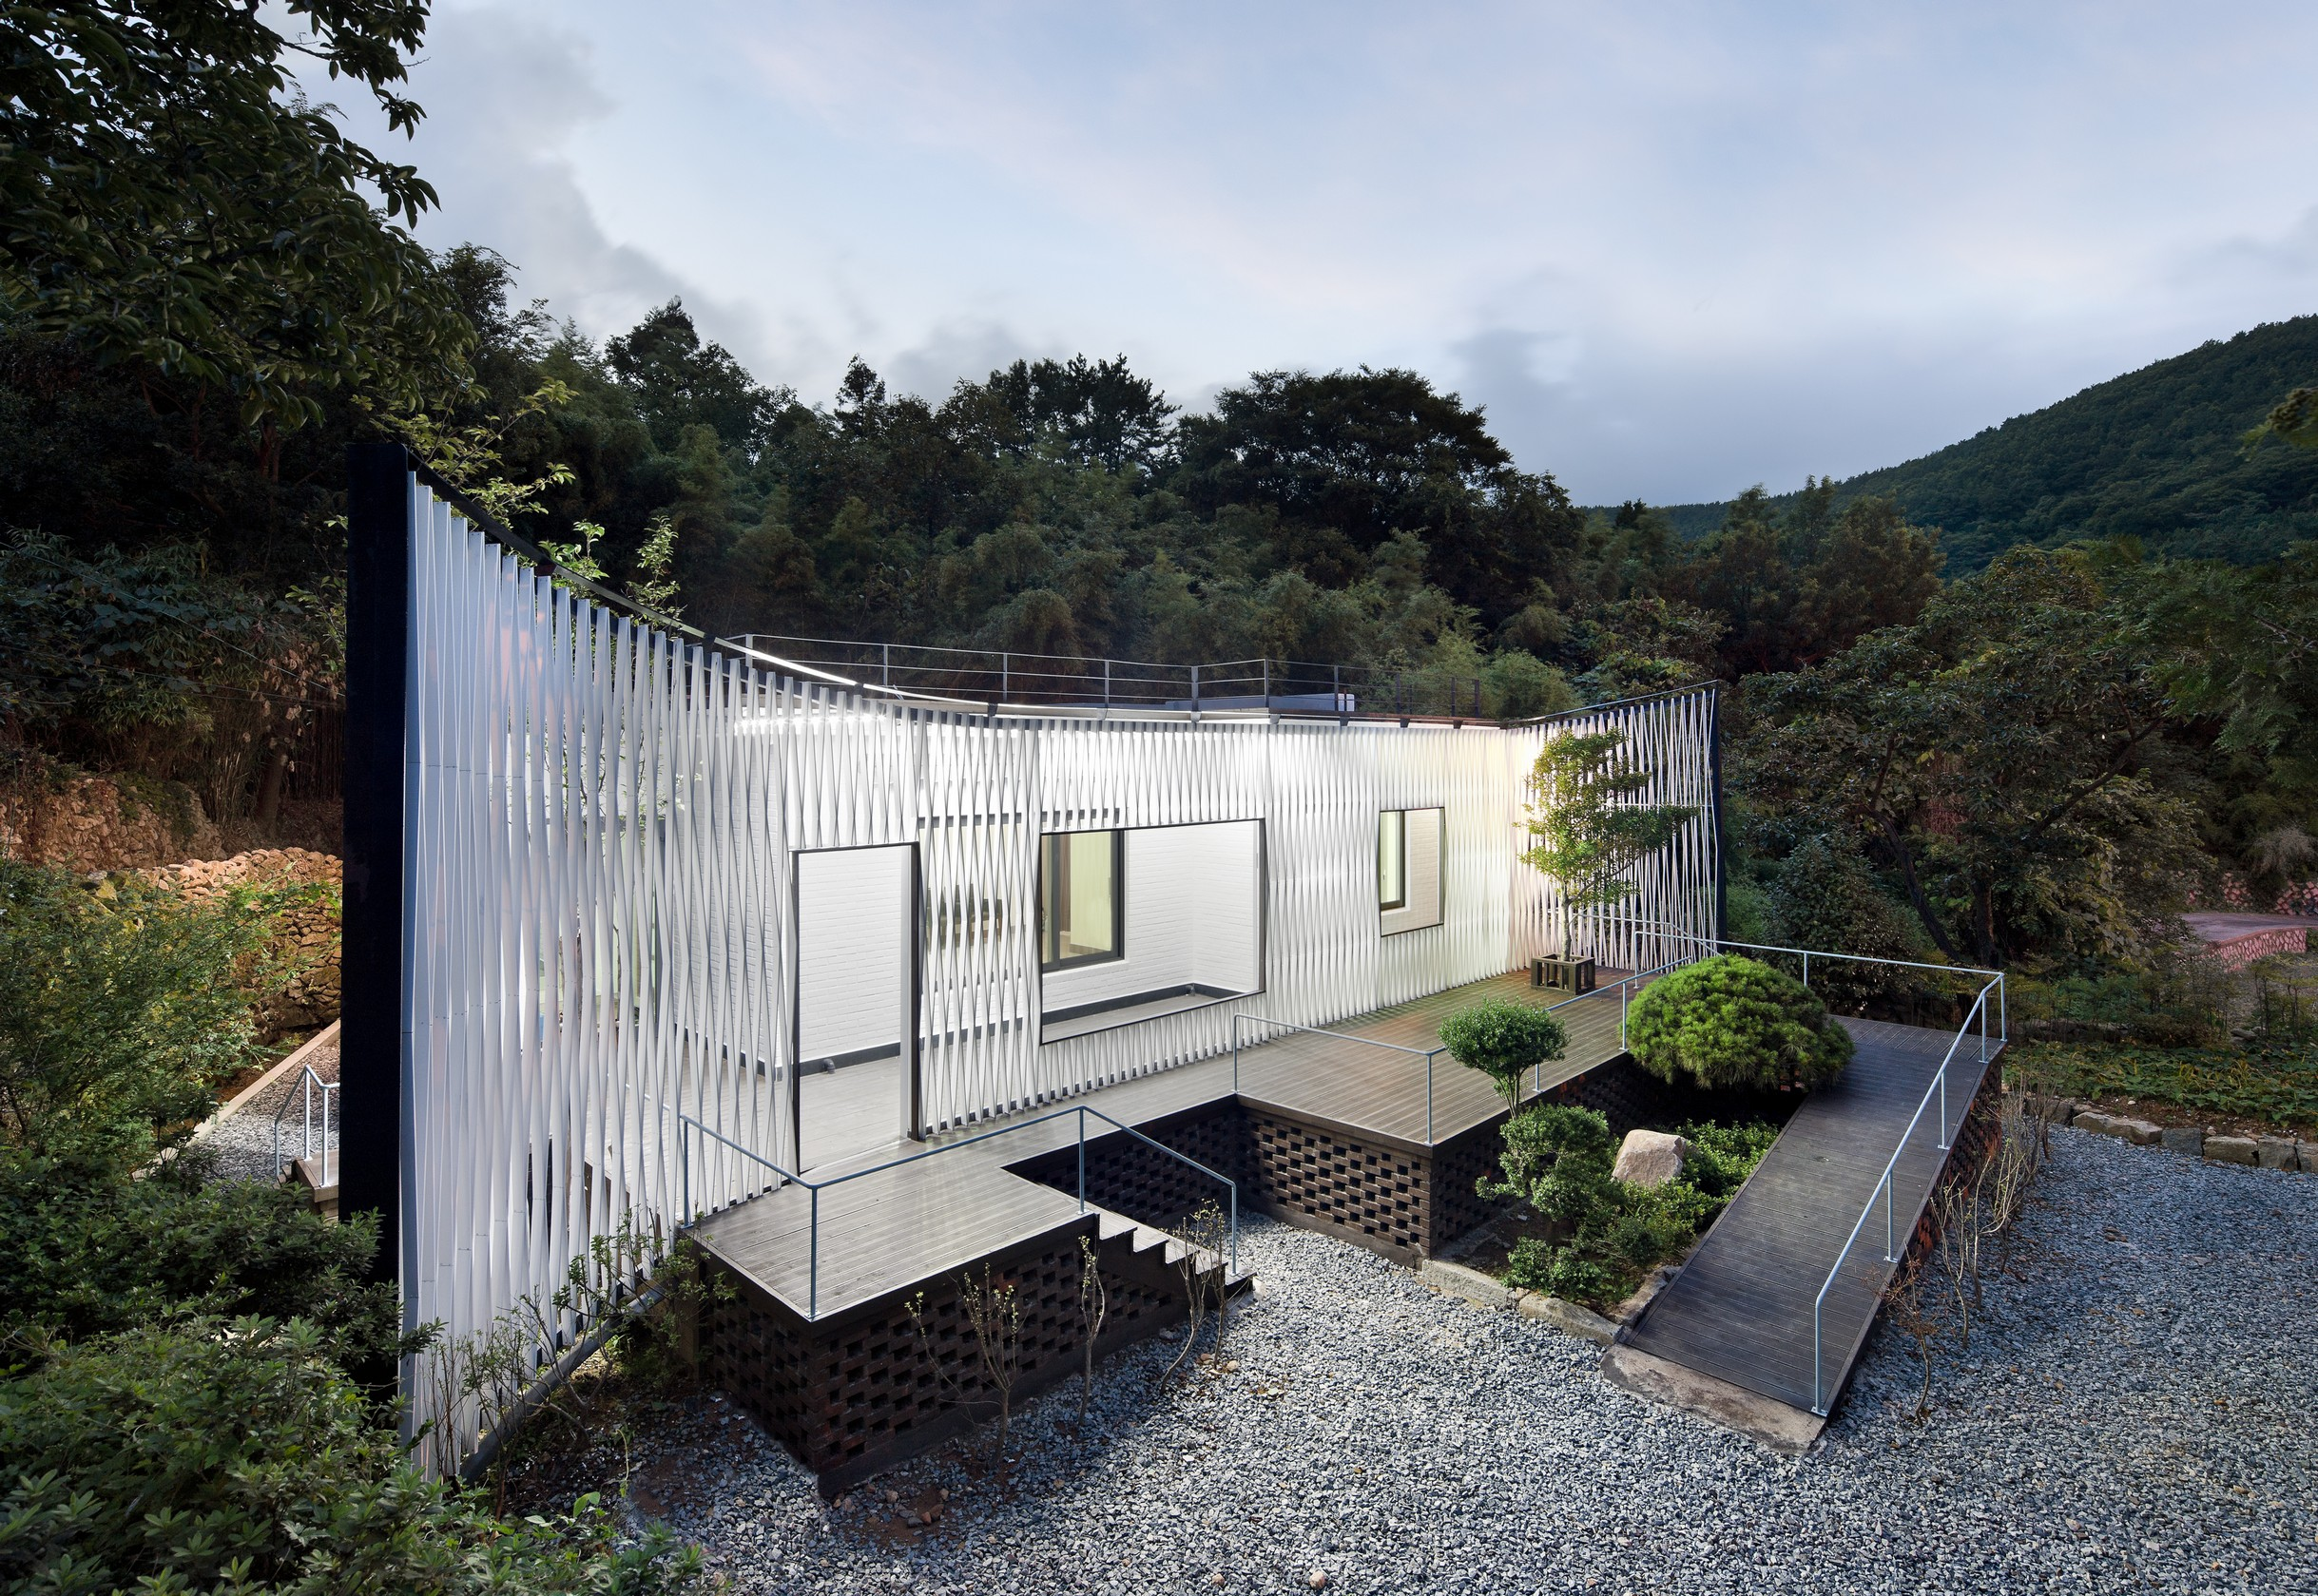 NamhaeCheo-ma house